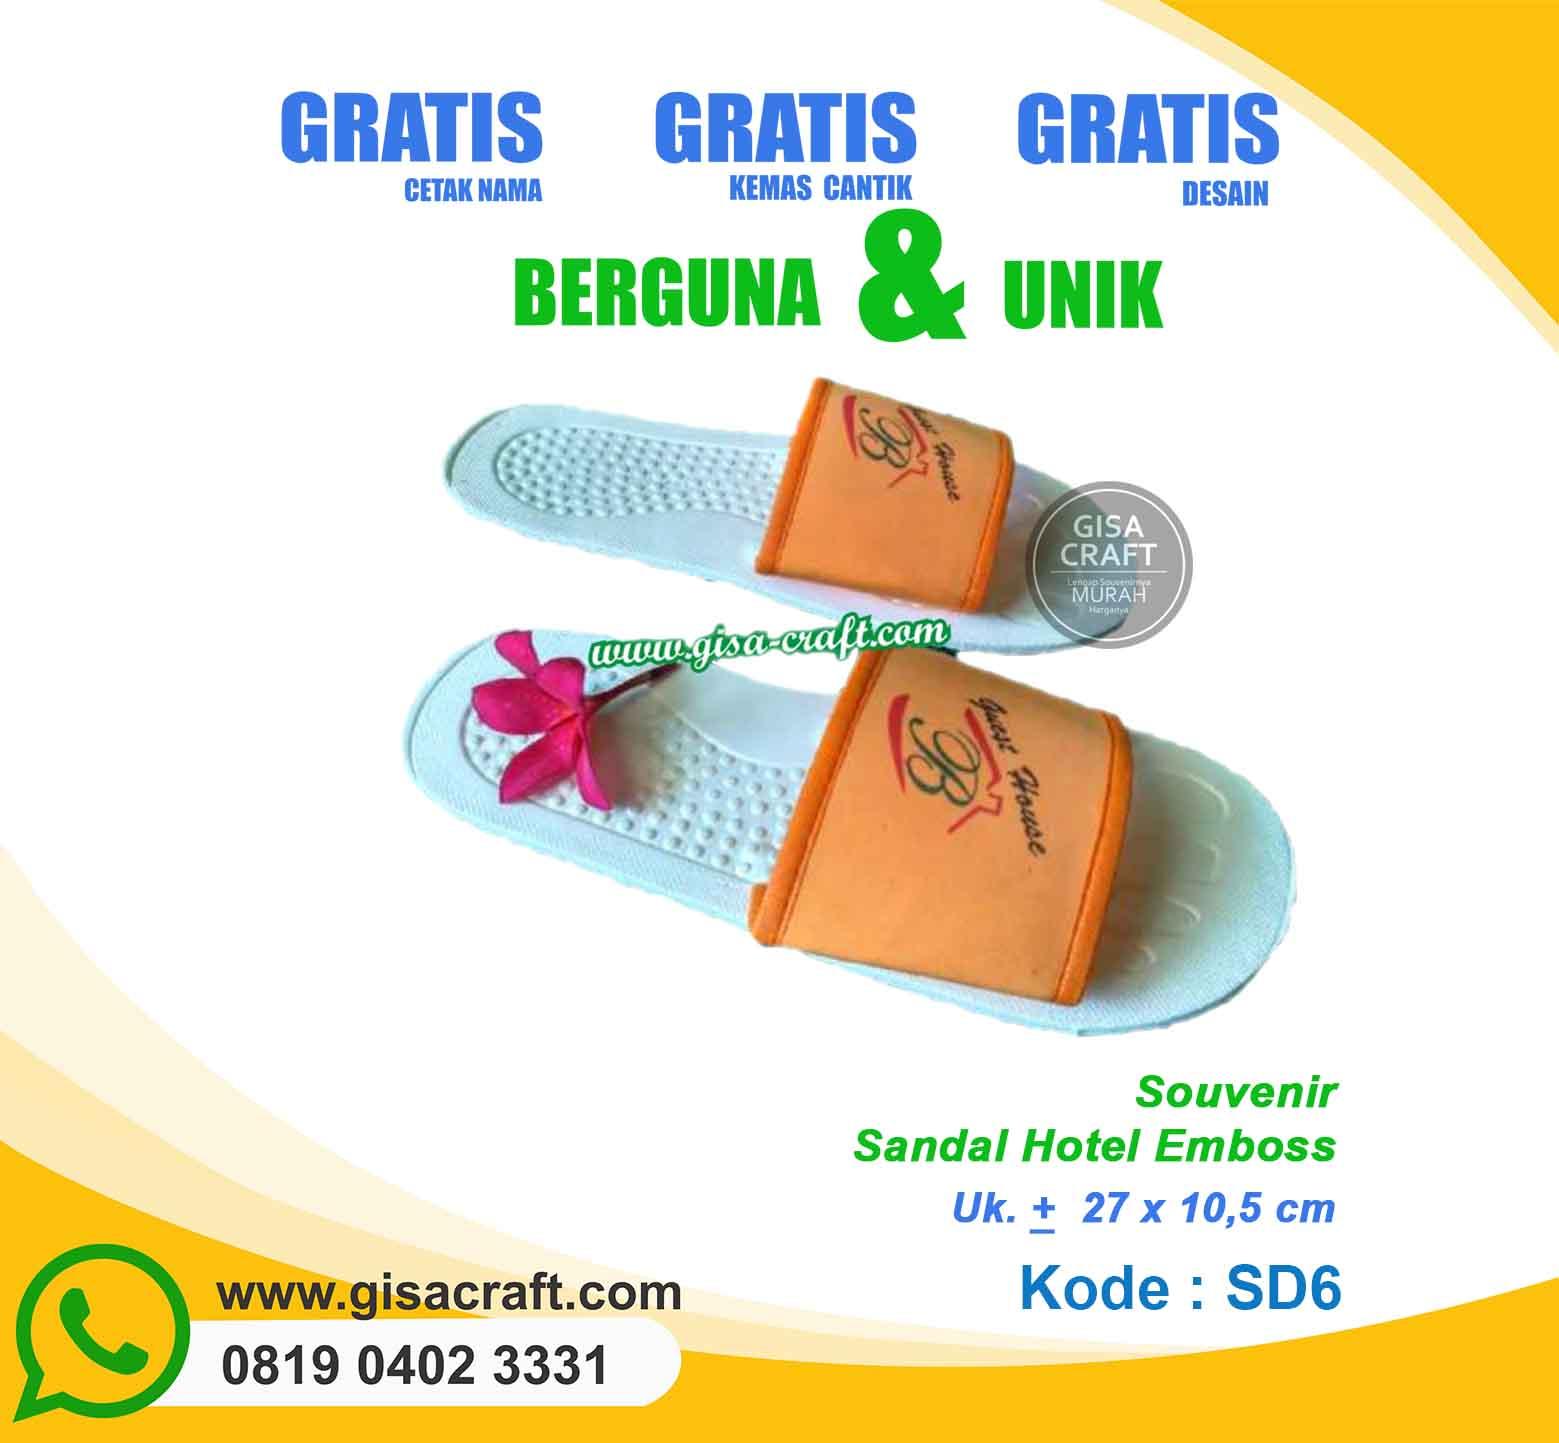 Souvenir Sandal Hotel Emboss SD6